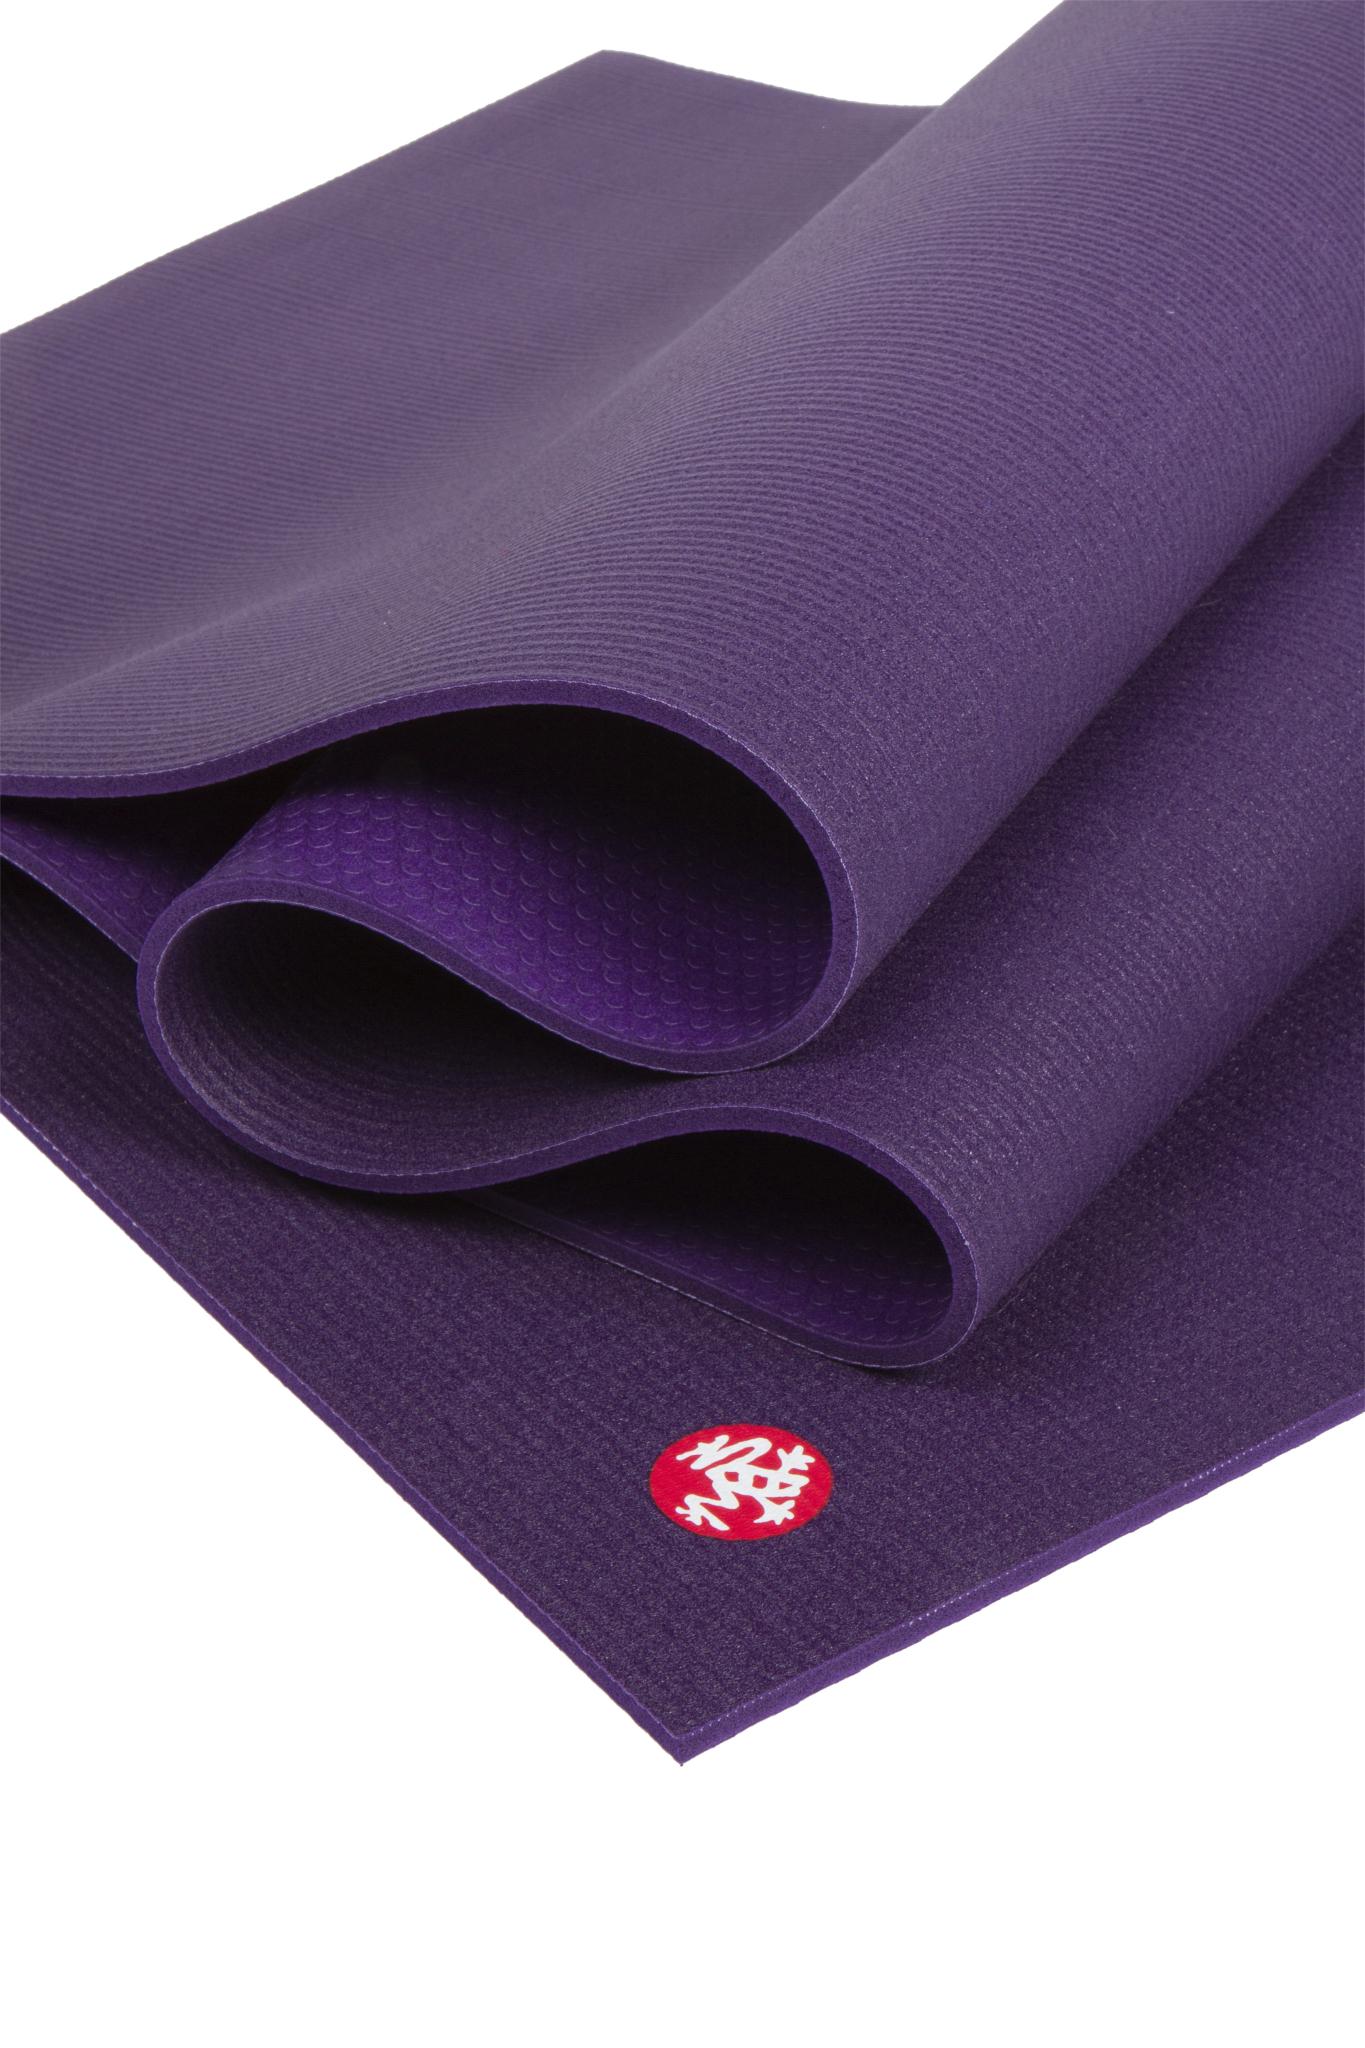 Коврик для йоги Manduka The PRO Mat 6мм (4,1 кг, 215 см, 6 мм, фиолетовый, 66см (Black Magic))